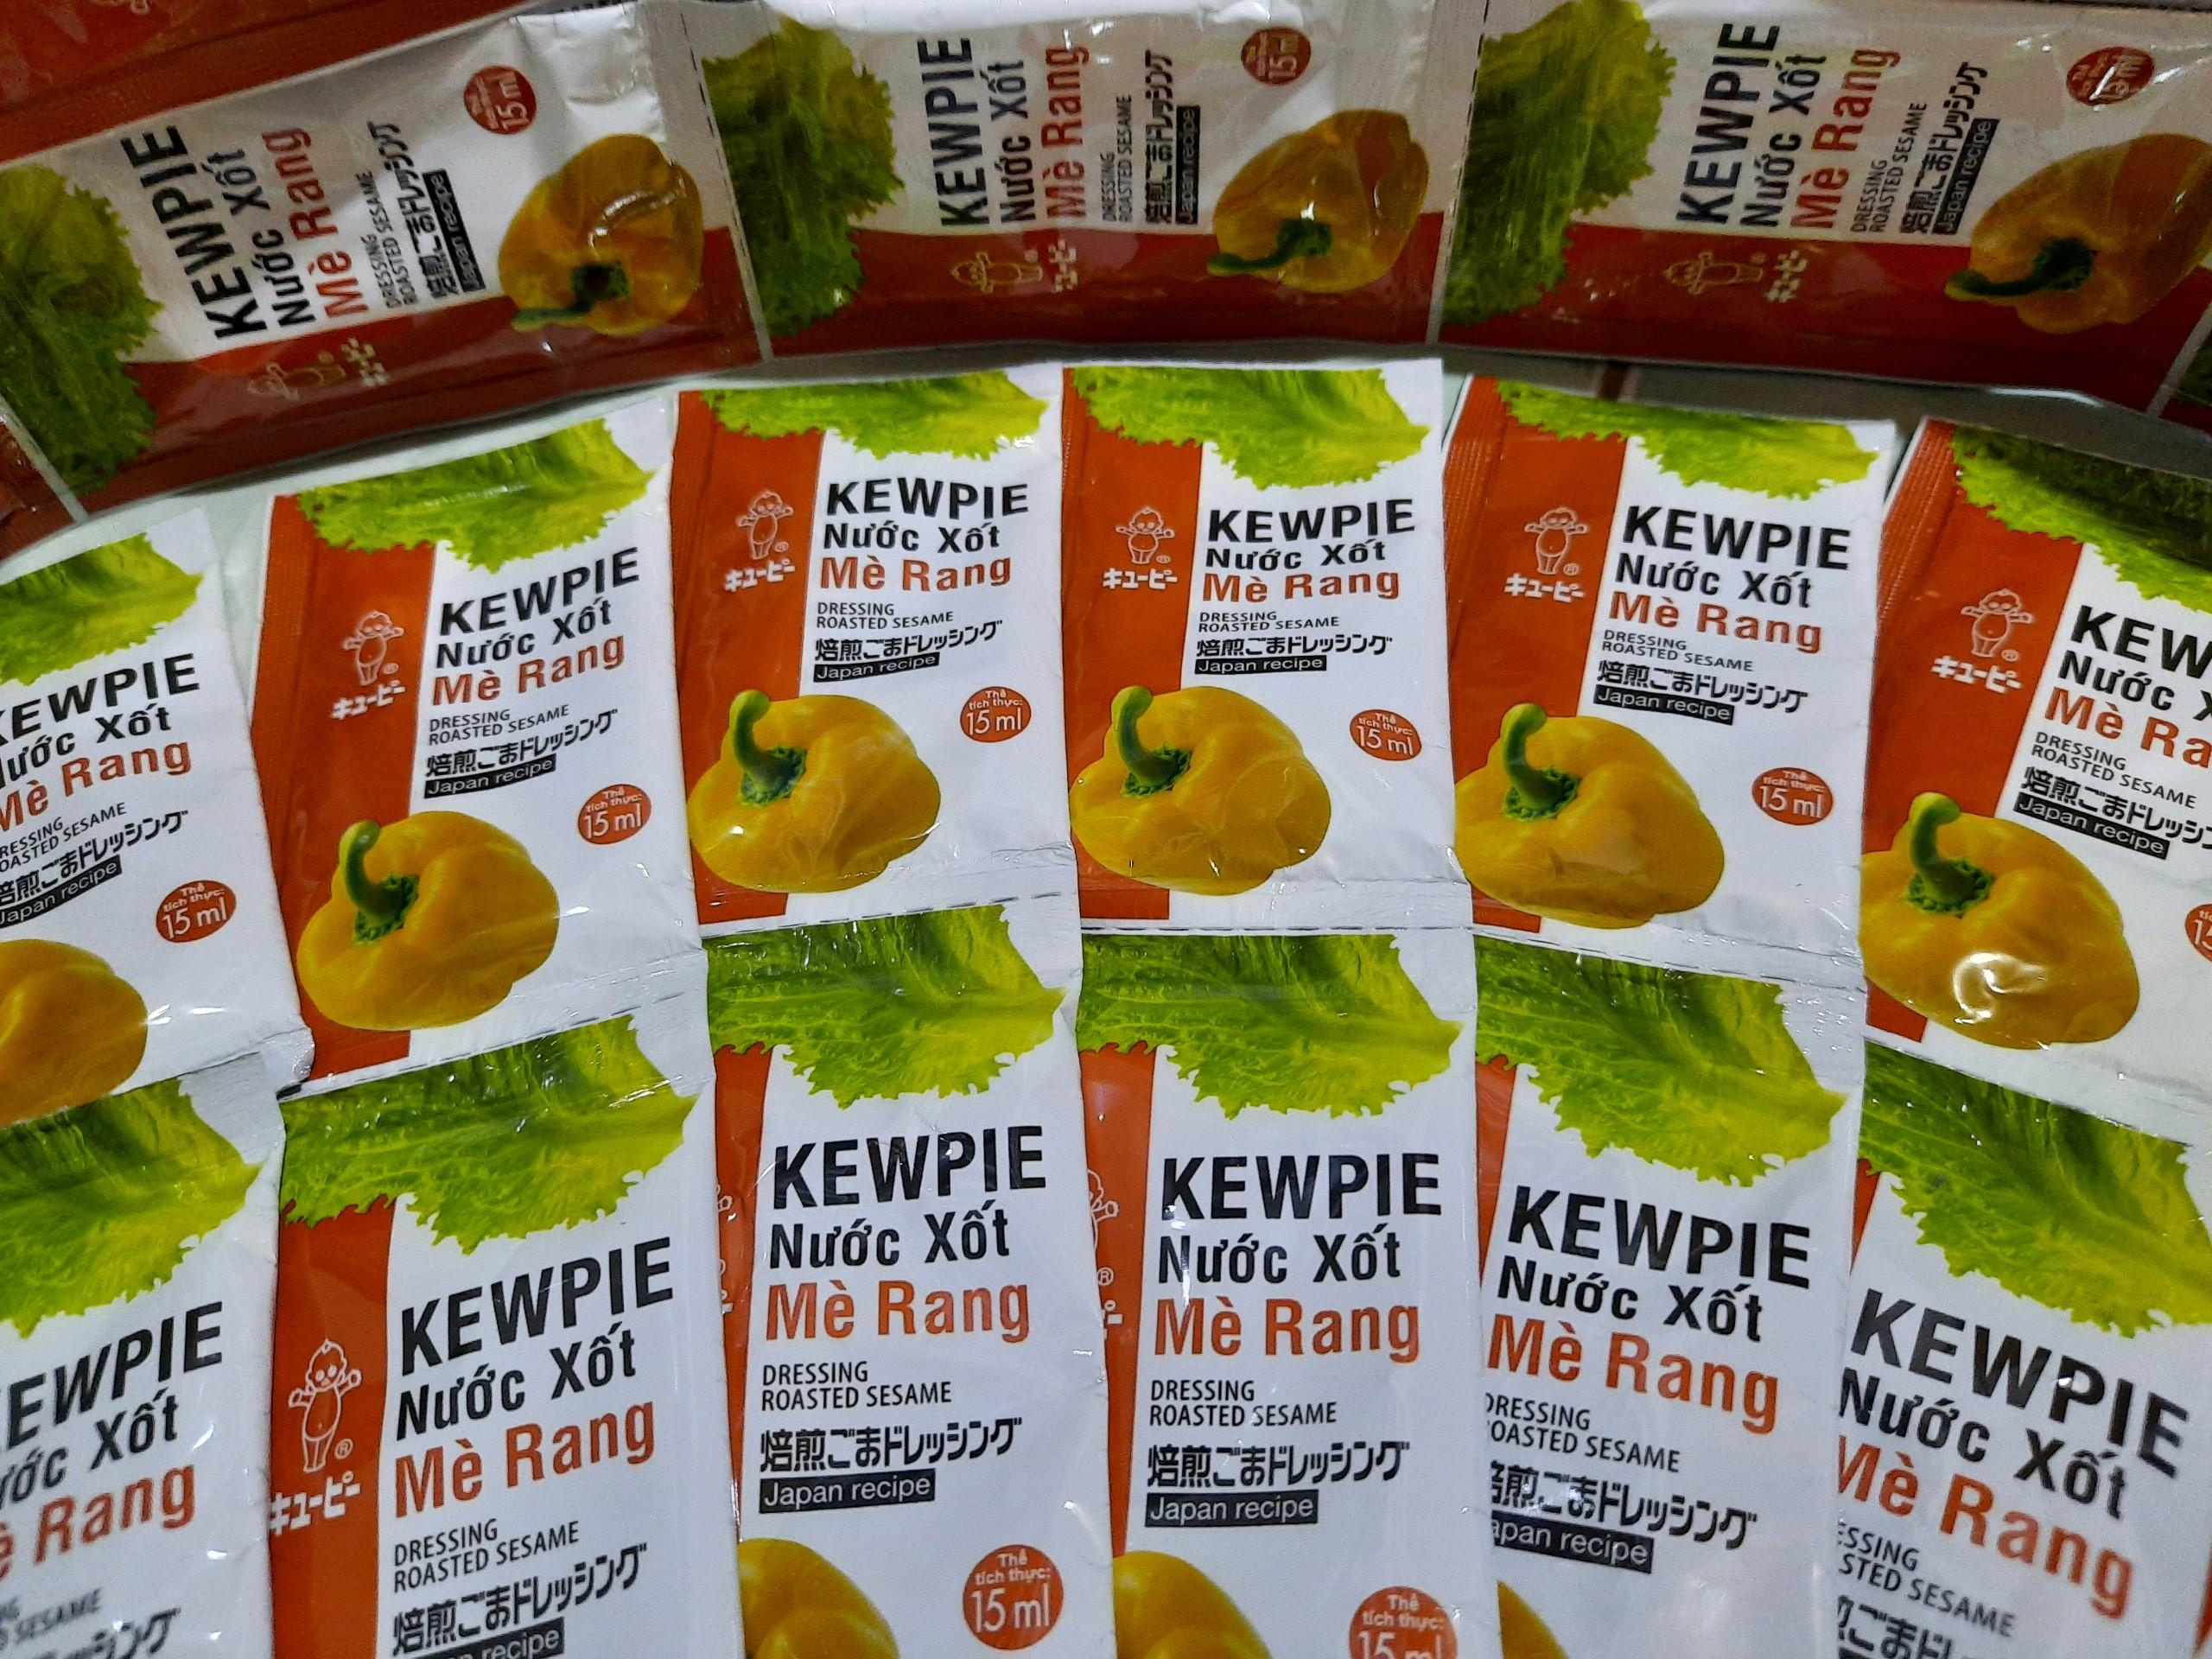 Nước Xốt Mè Rang Kewpie - Gói 15ml